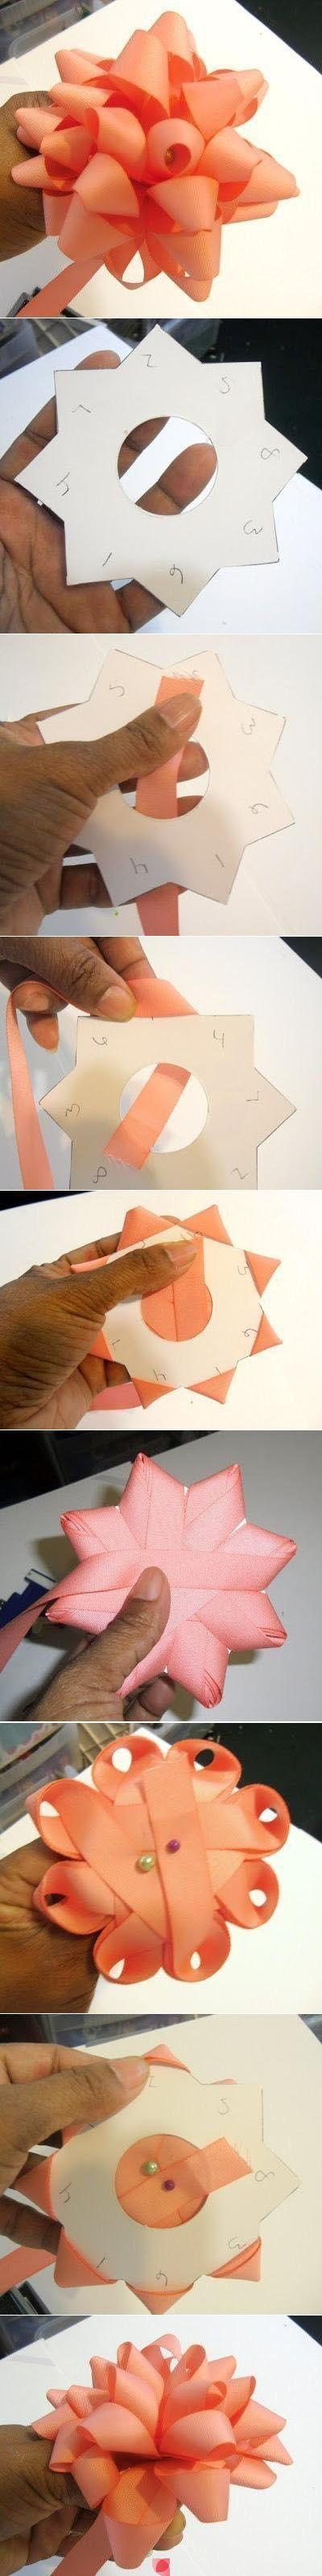 diy ribbon bow crafts bows pinterest geschenke. Black Bedroom Furniture Sets. Home Design Ideas